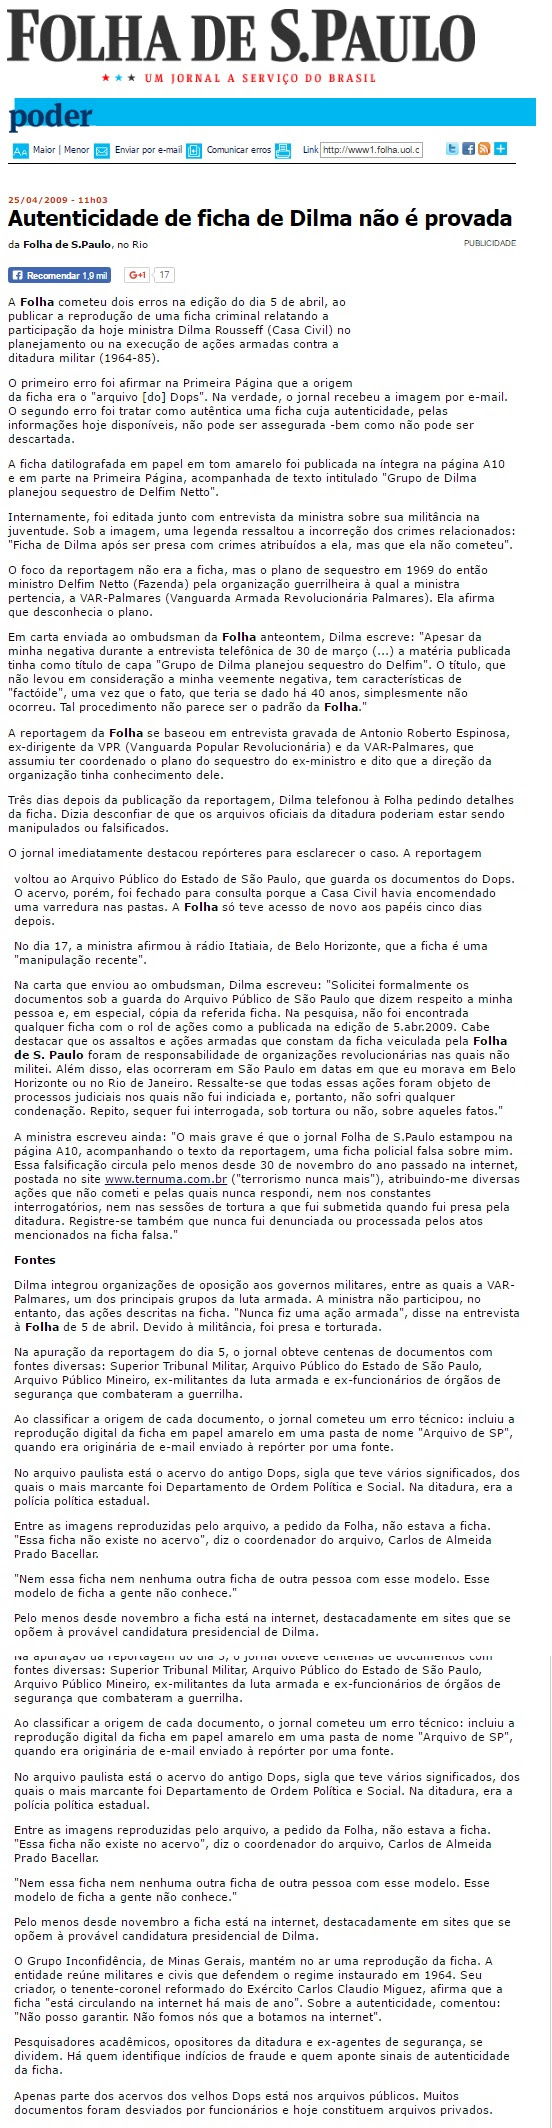 folha-2